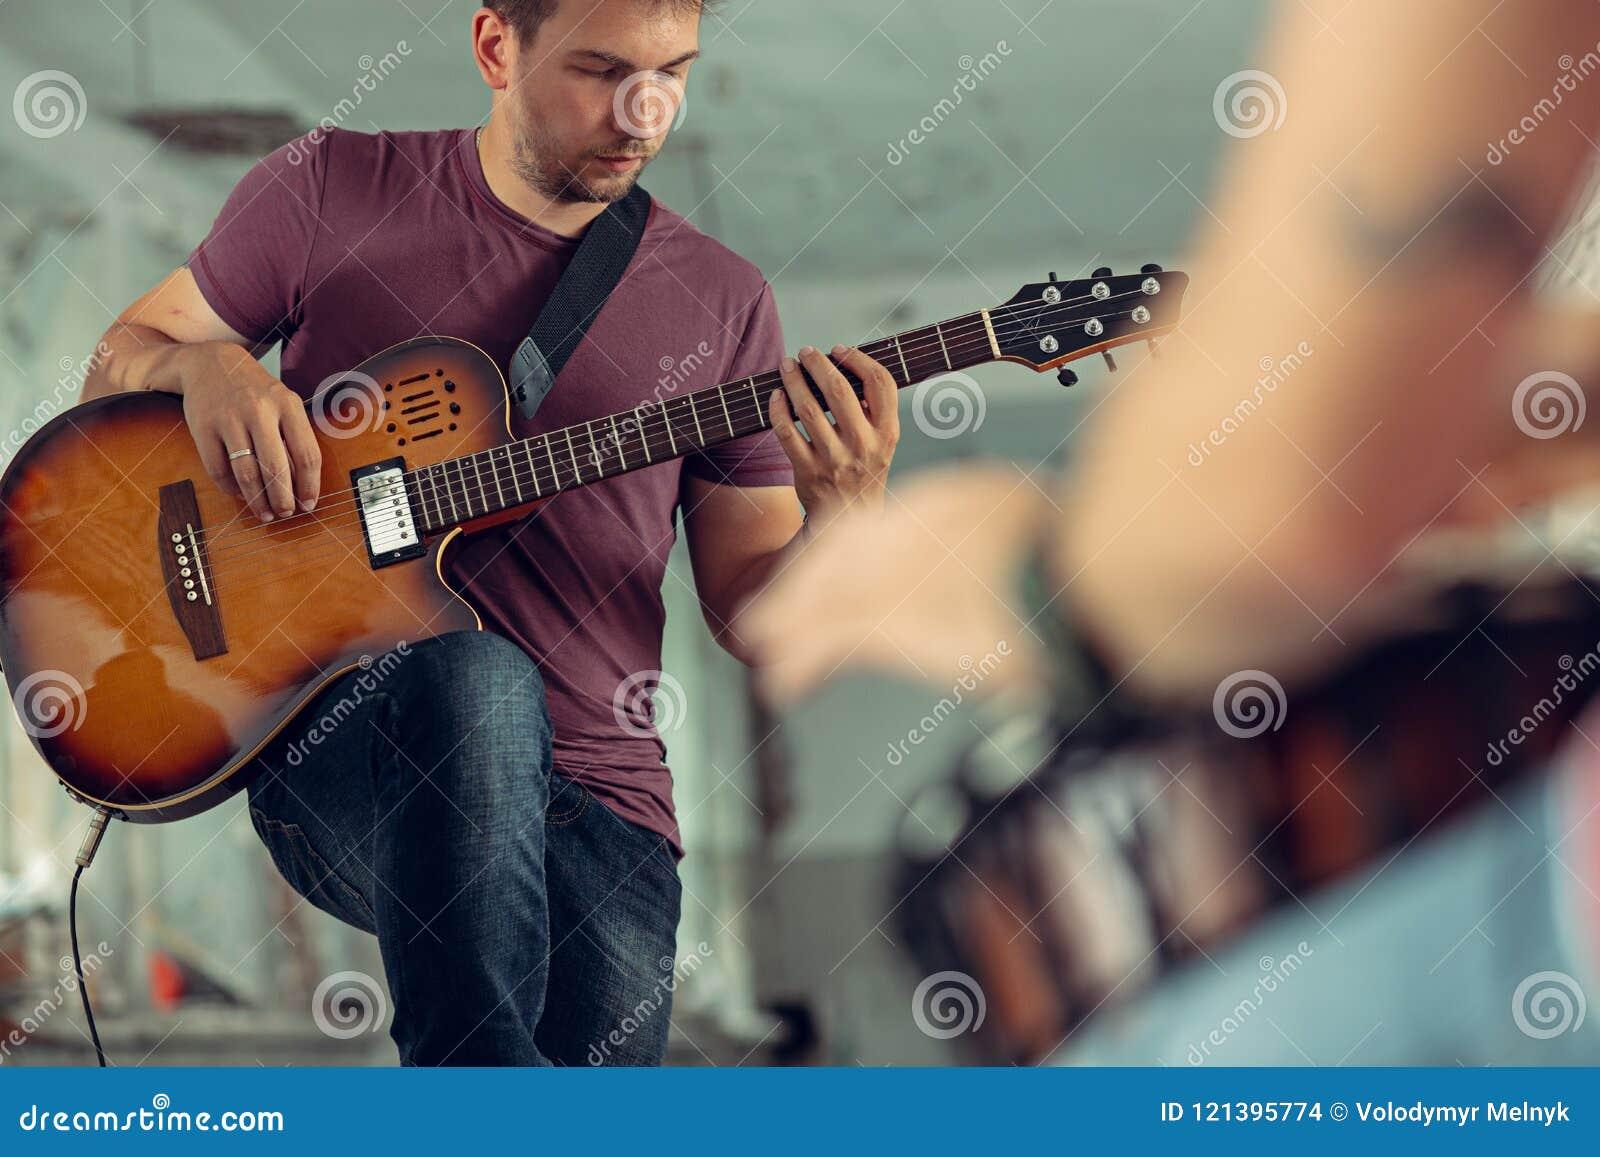 Wiederholung der Rockmusikband E-Gitarren-Spieler und Schlagzeuger hinter dem Trommelsatz